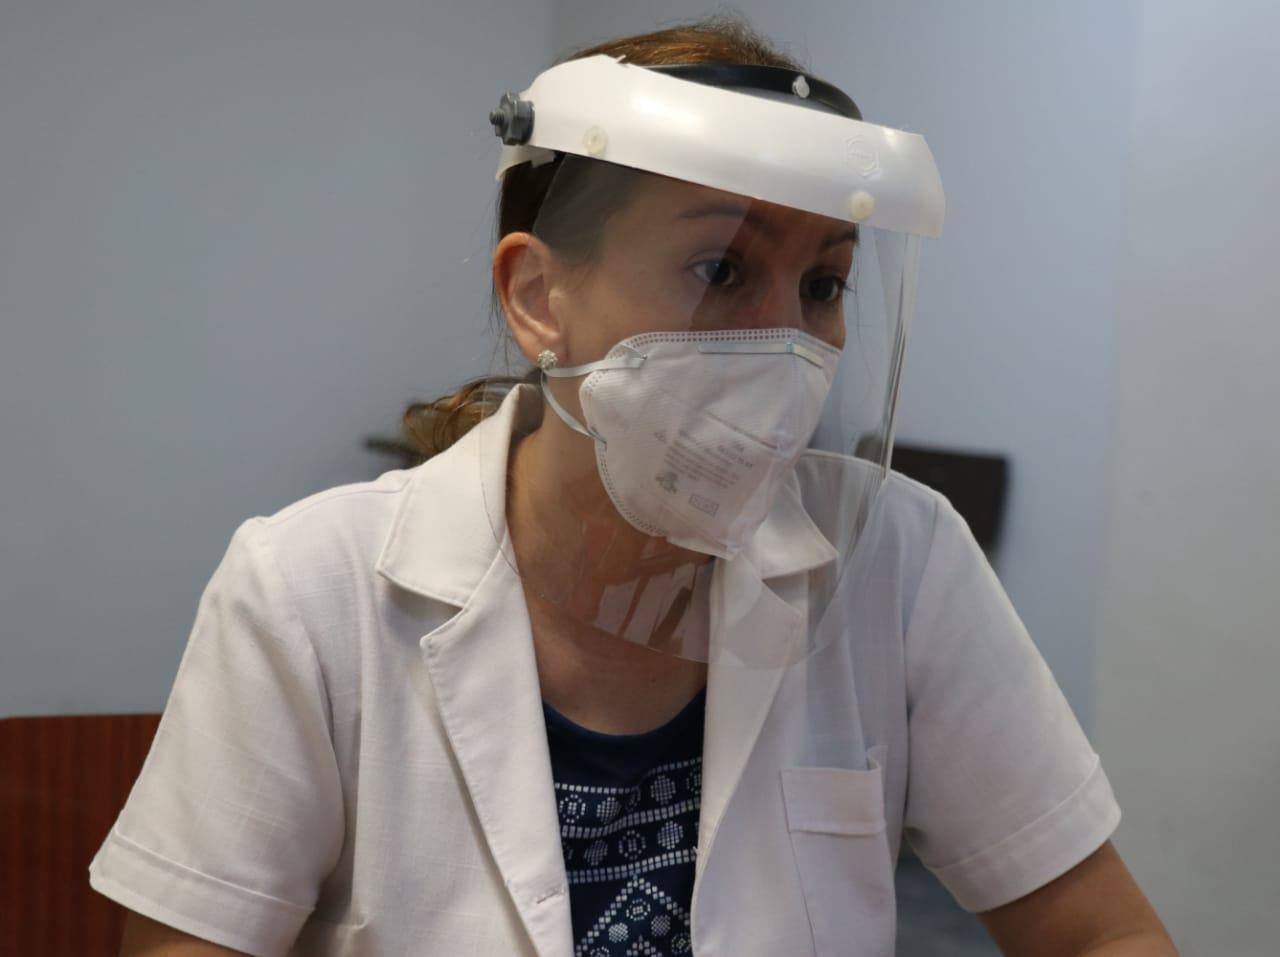 Dra. Carolina Vázquez, del Departamento de Nefrología Adultos del Hospital de Clínicas. Foto: Gentileza